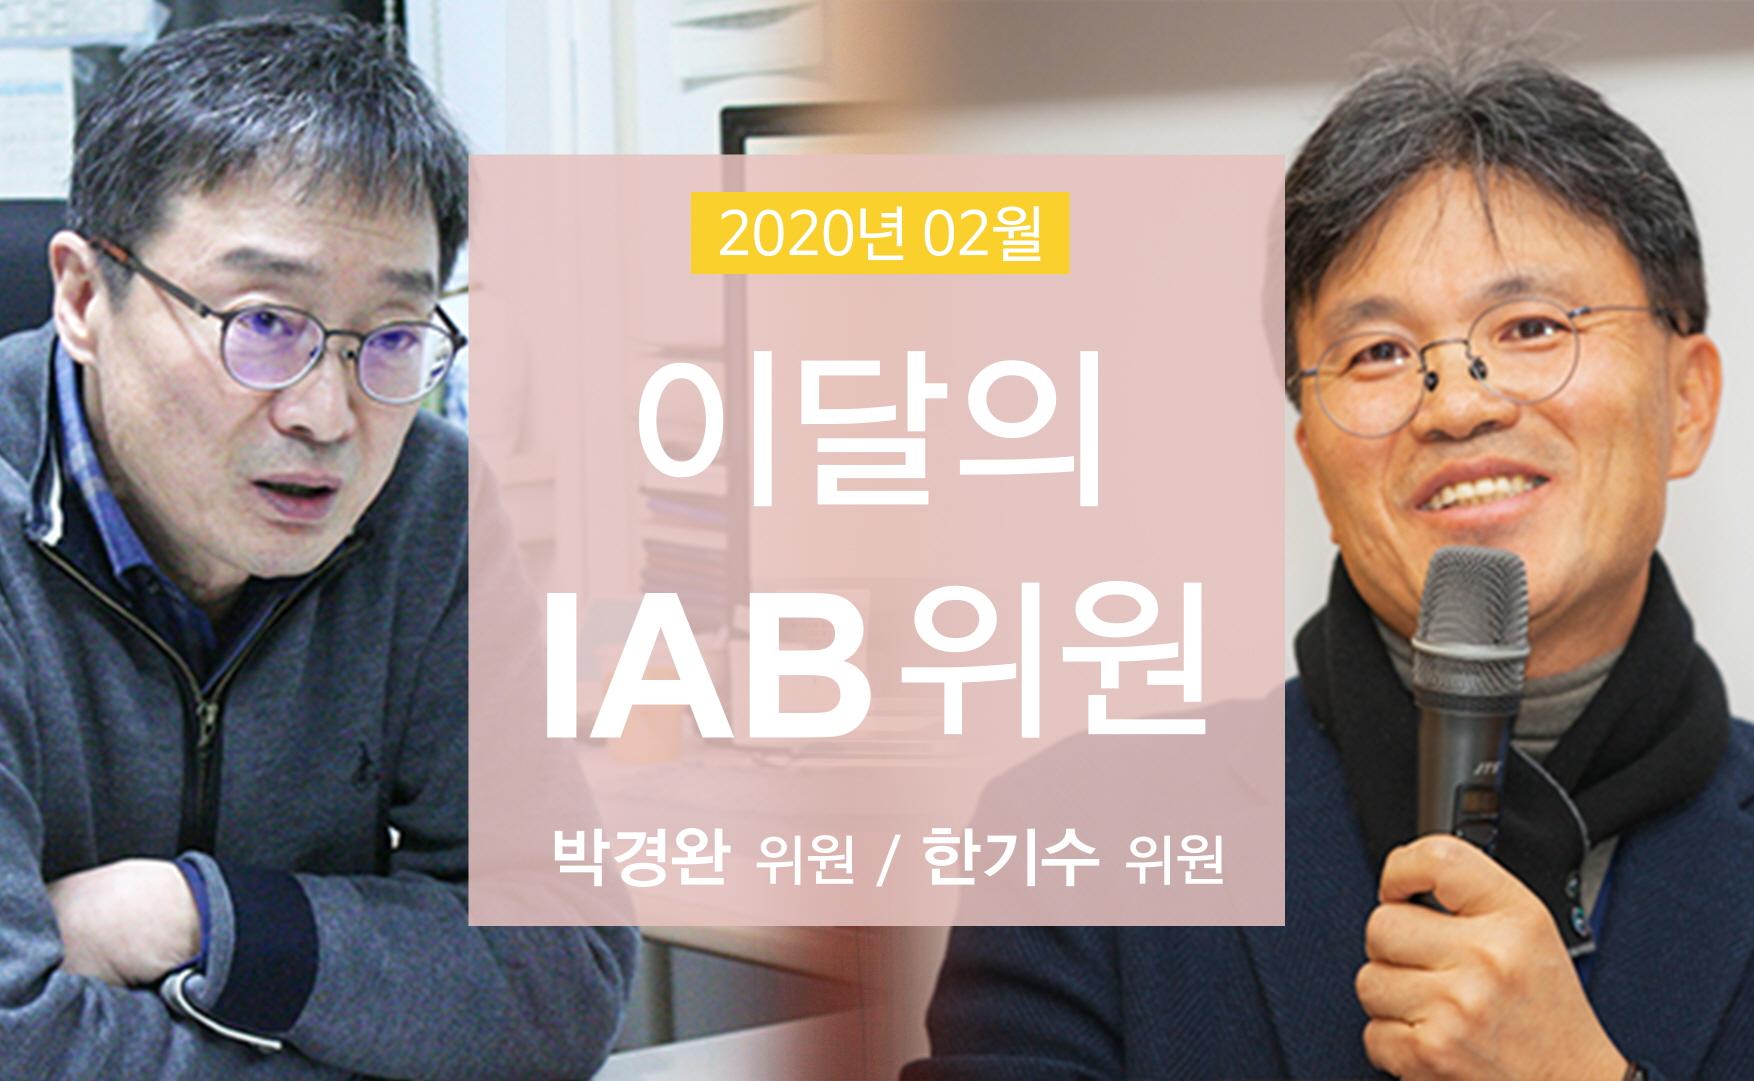 이달의 IAB위원_2월